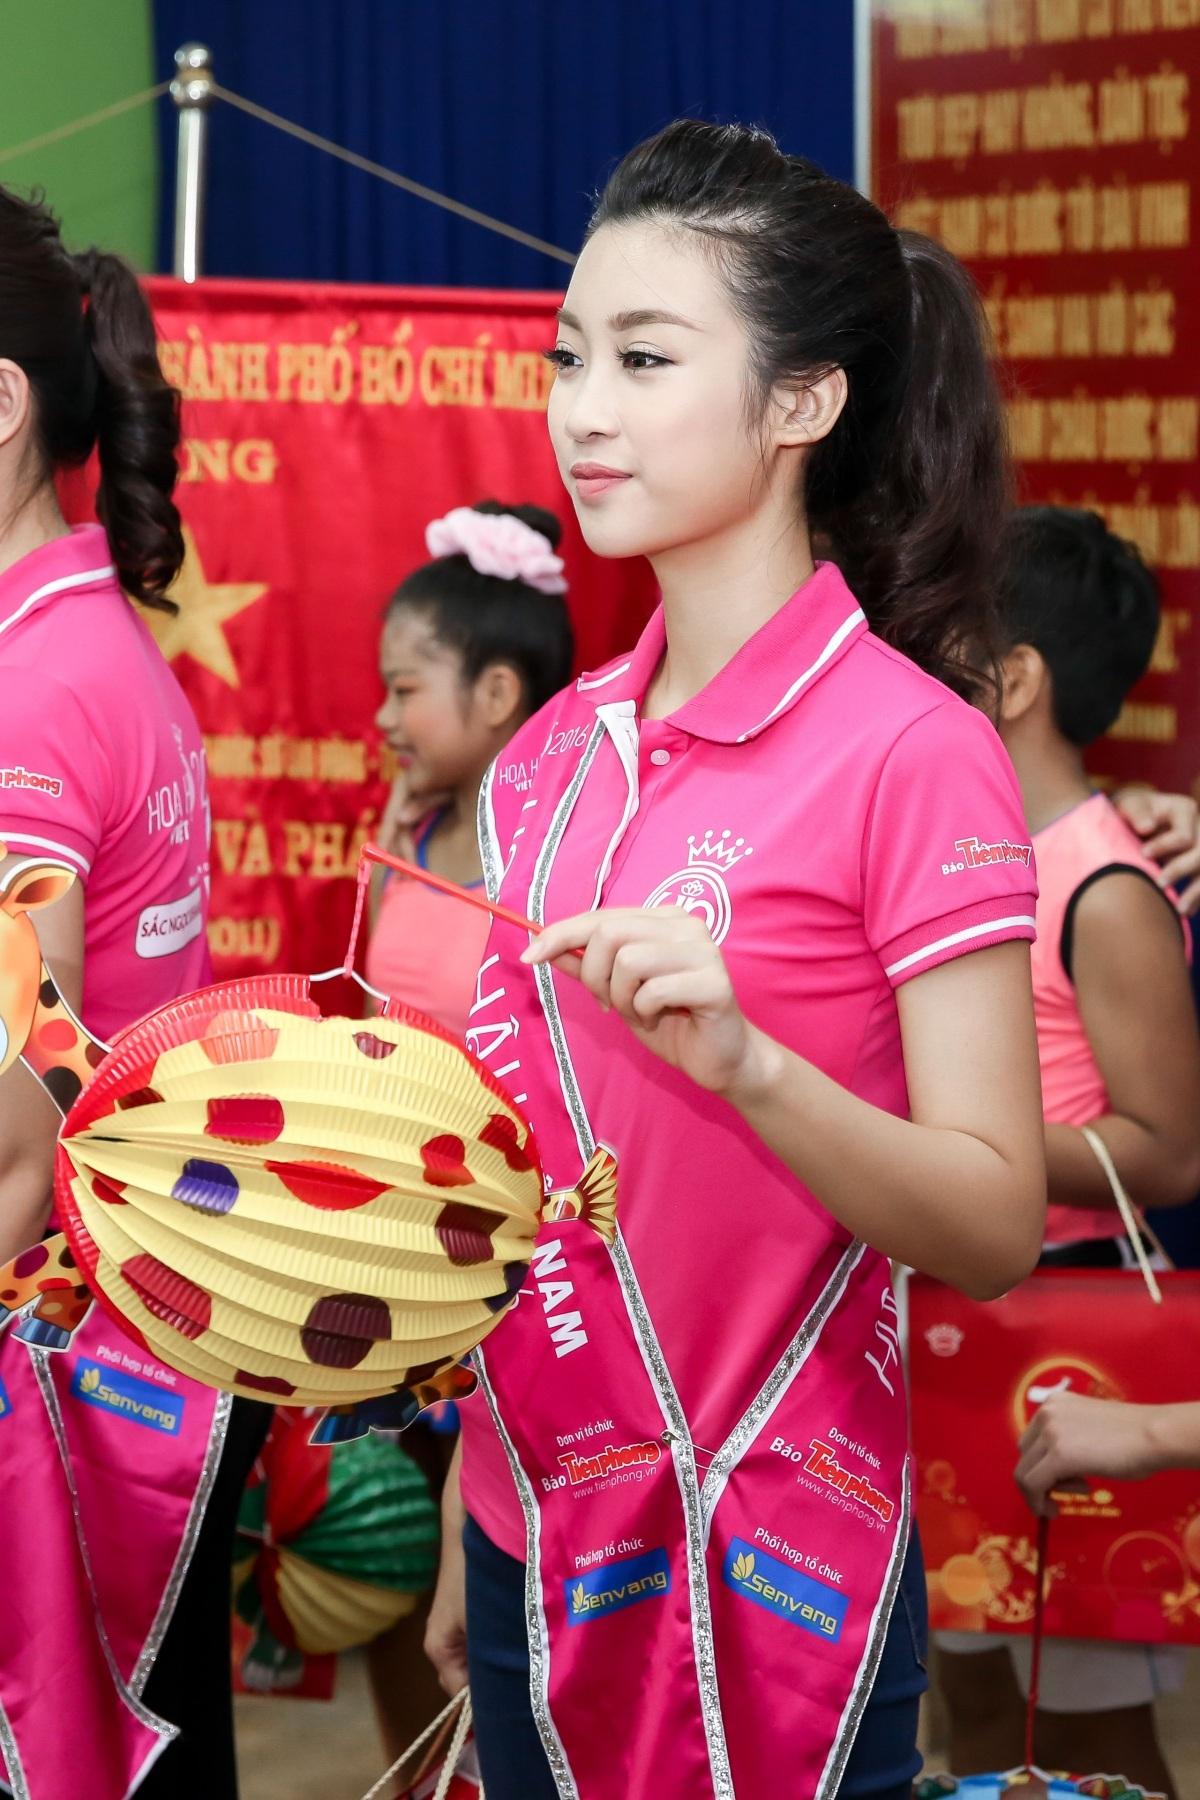 Hoa hậu Mỹ Linh rơi nước mắt khi đón trung thu sớm cùng trẻ mồ côi - 4